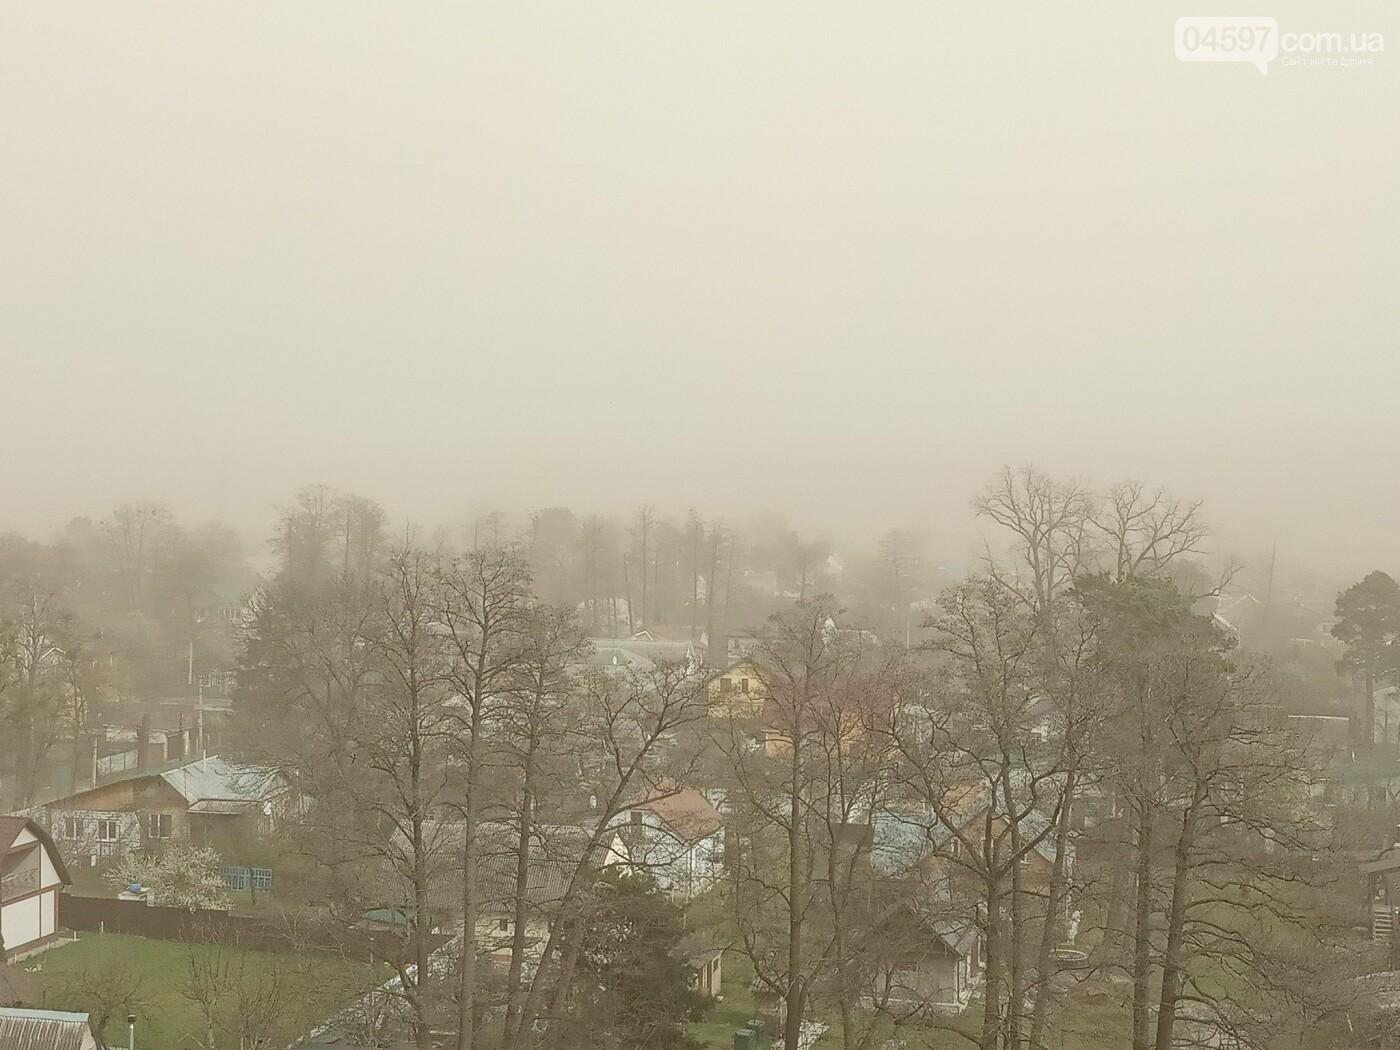 Смог, дим і пил: апокаліпсис в Ірпені, фото-3